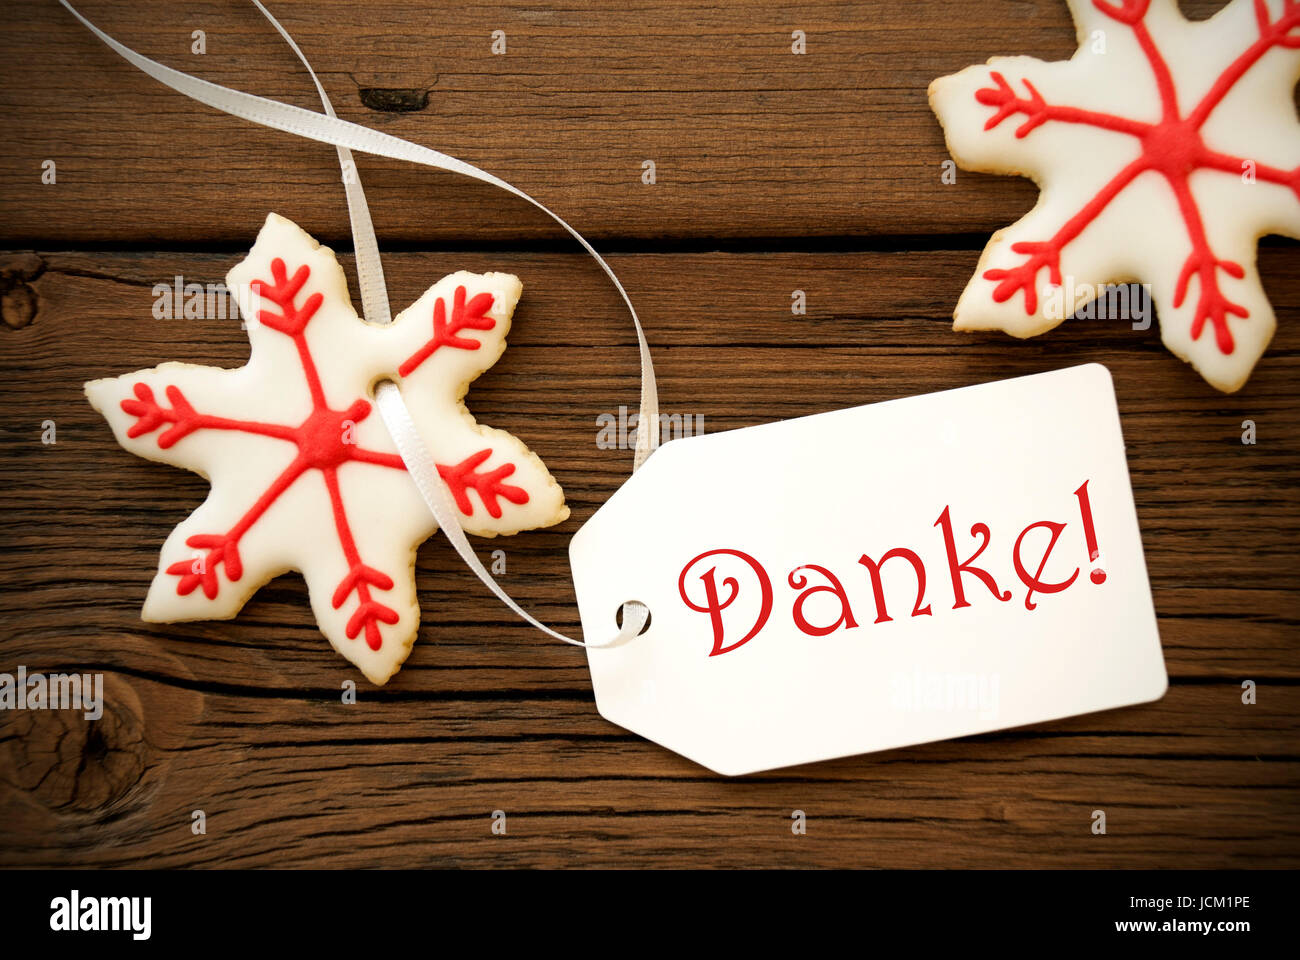 La Parola Natale Significa.Rosso E Bianco Stella Di Natale I Biscotti Con La Parola Tedesca Danke Che Significa Grazie Foto Stock Alamy